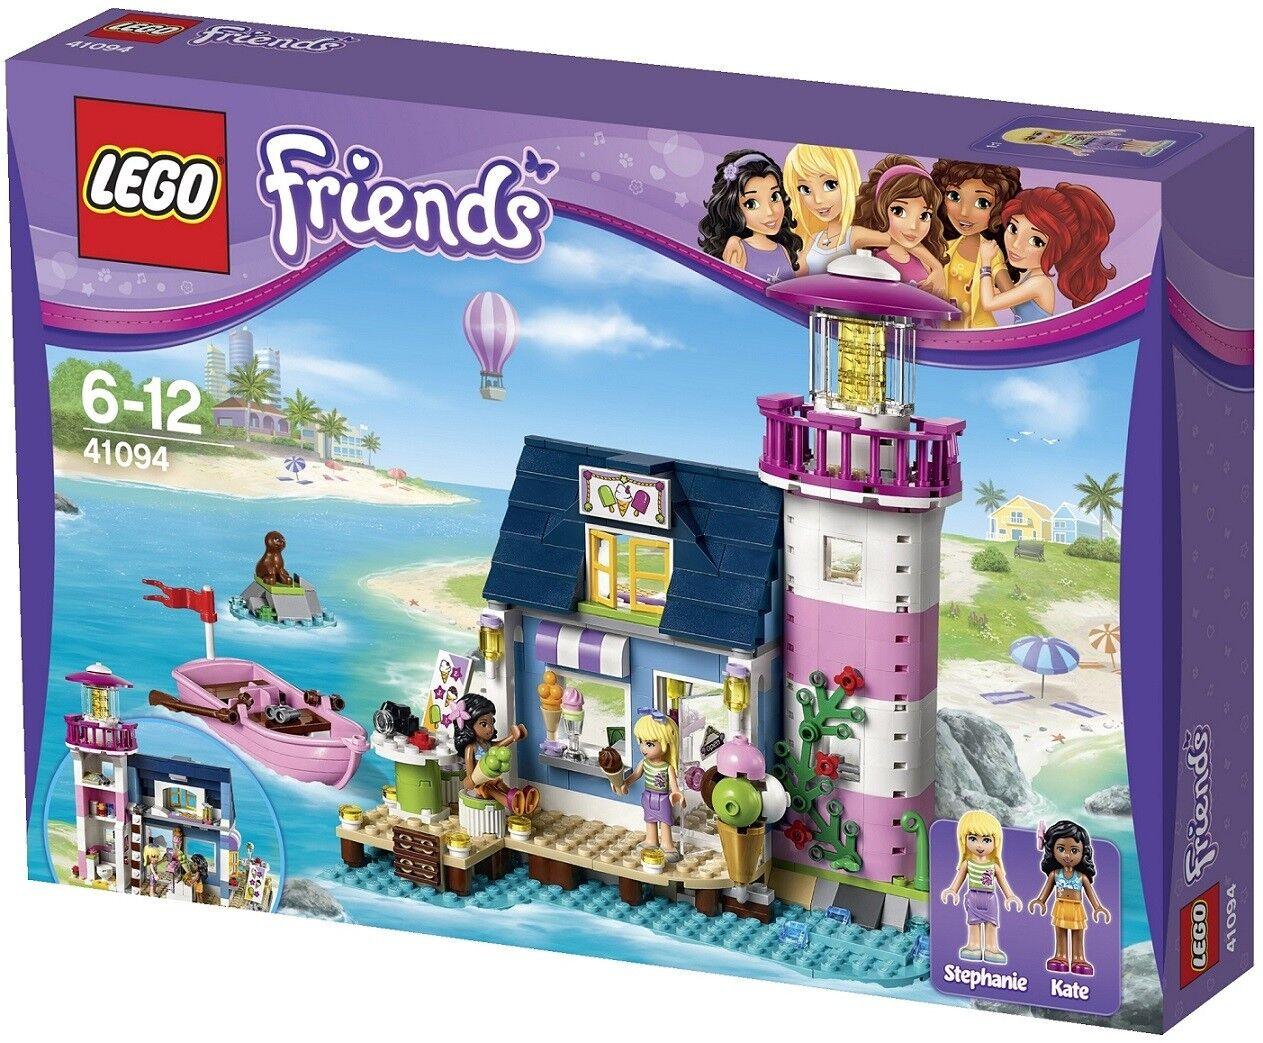 LEGO - FRIENDS - 41094 - LE PHARE  D'HEARTLAKE città - ABIMÉE DAMAGED  Negozio 2018